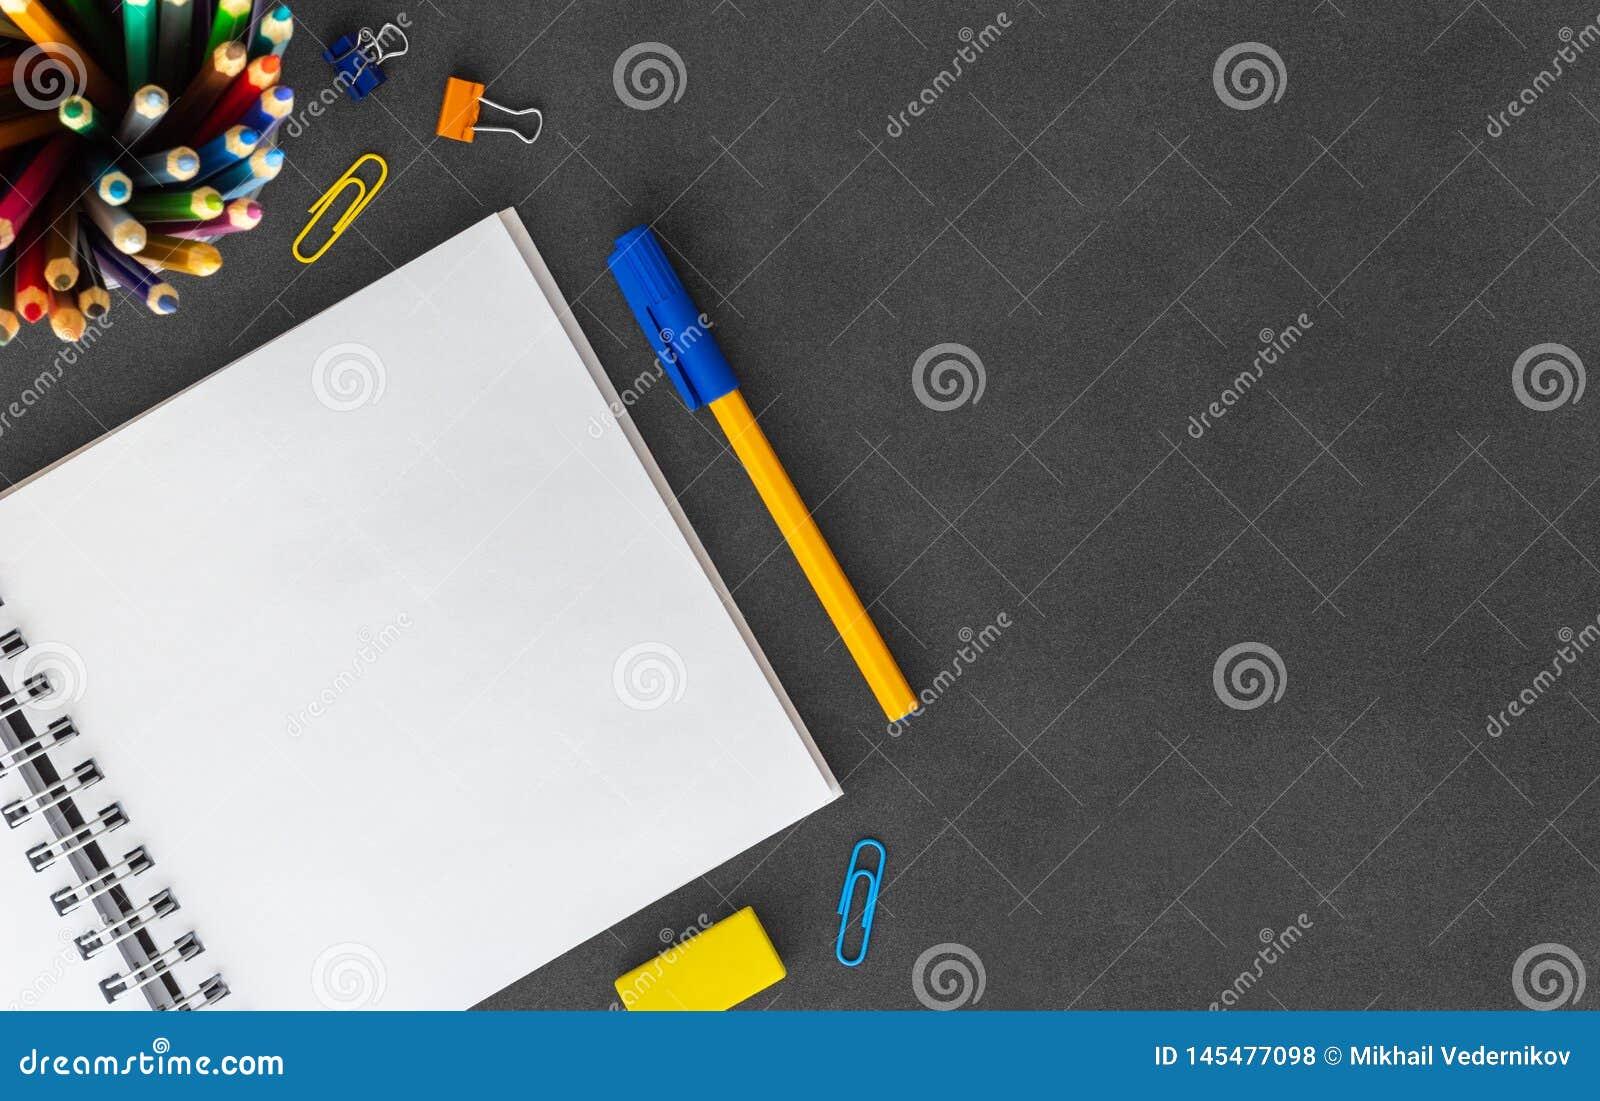 Biały puste miejsce spirali papieru notatnik z piórem, barwioni ołówki, gumka, papierowa kępa, papierowe klamerki na pustym